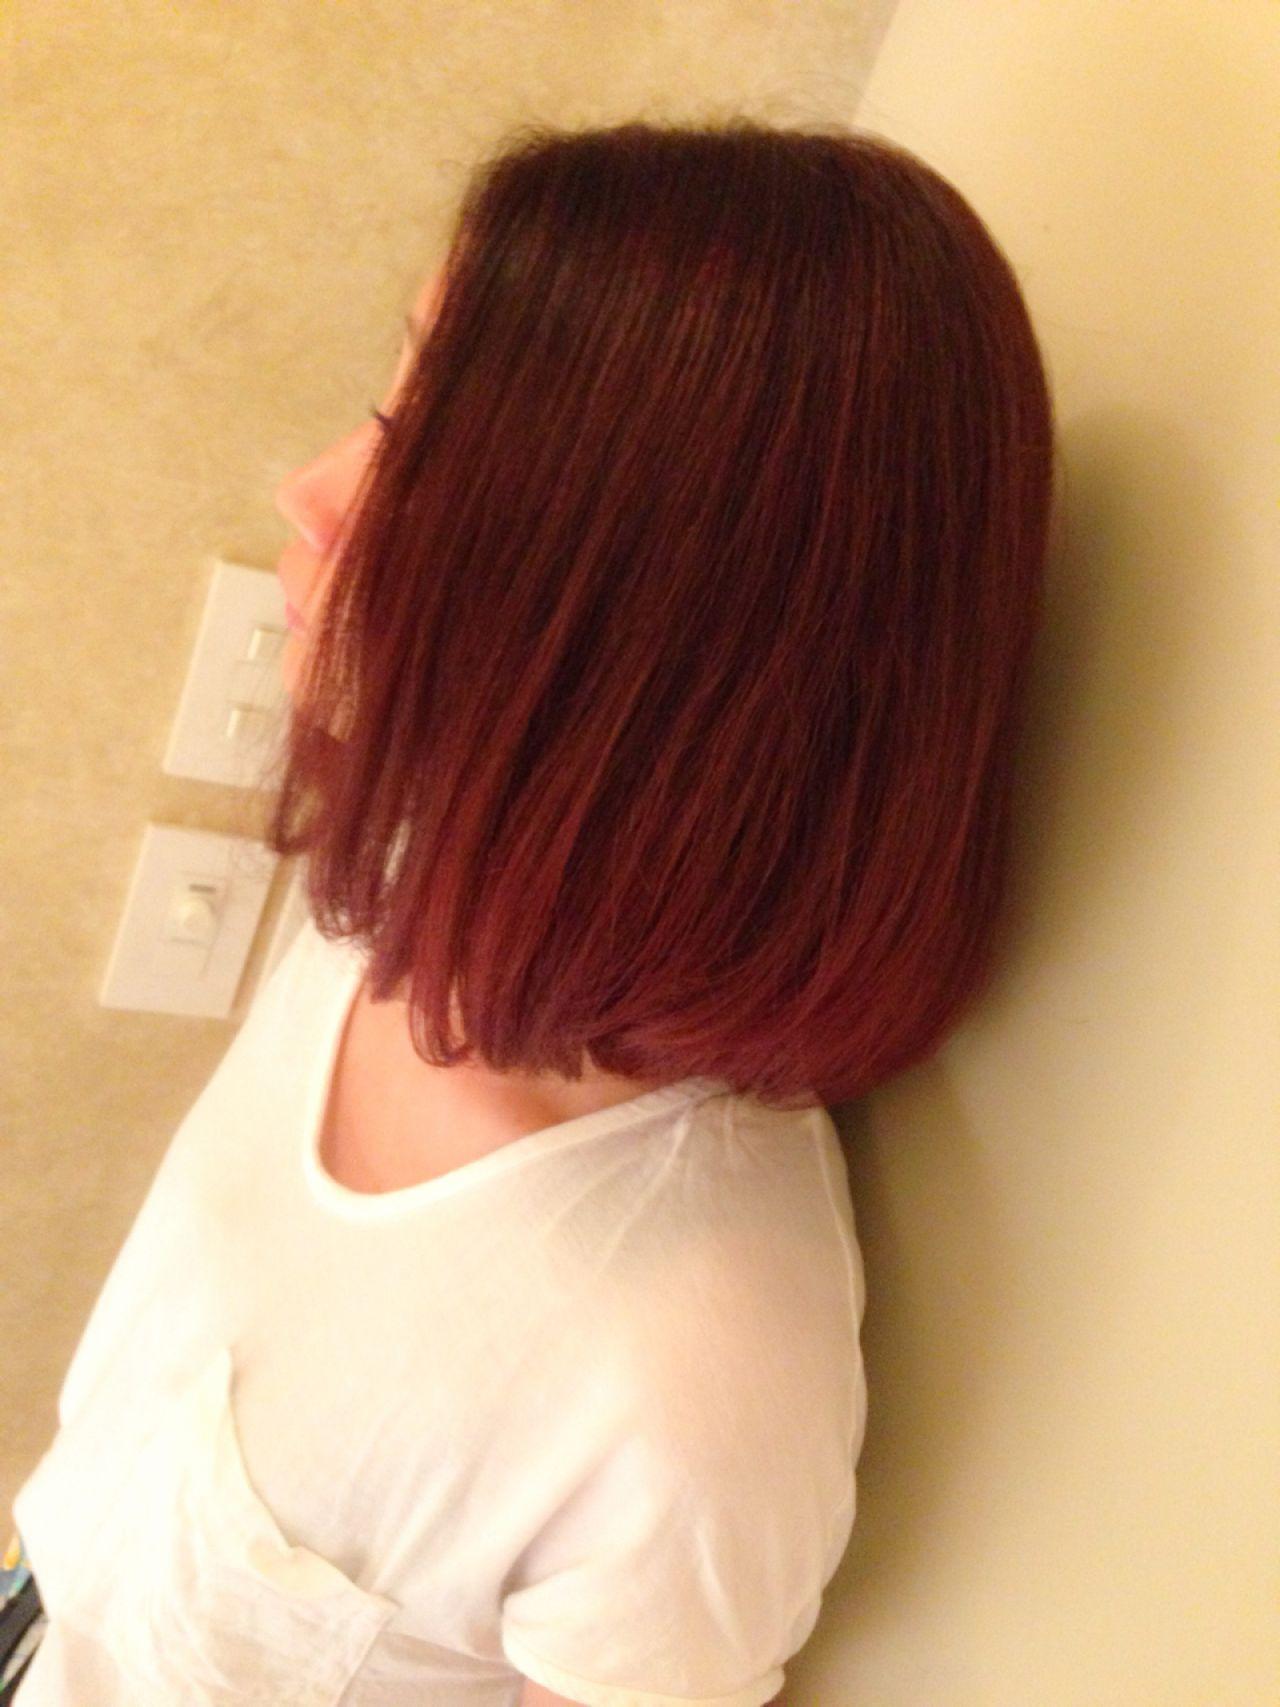 かわいい♡色っぽい♡ピンクブラウンは女子にいいことづくしなヘアカラー♪ スガ シュンスケ  Tierra (ティエラ)